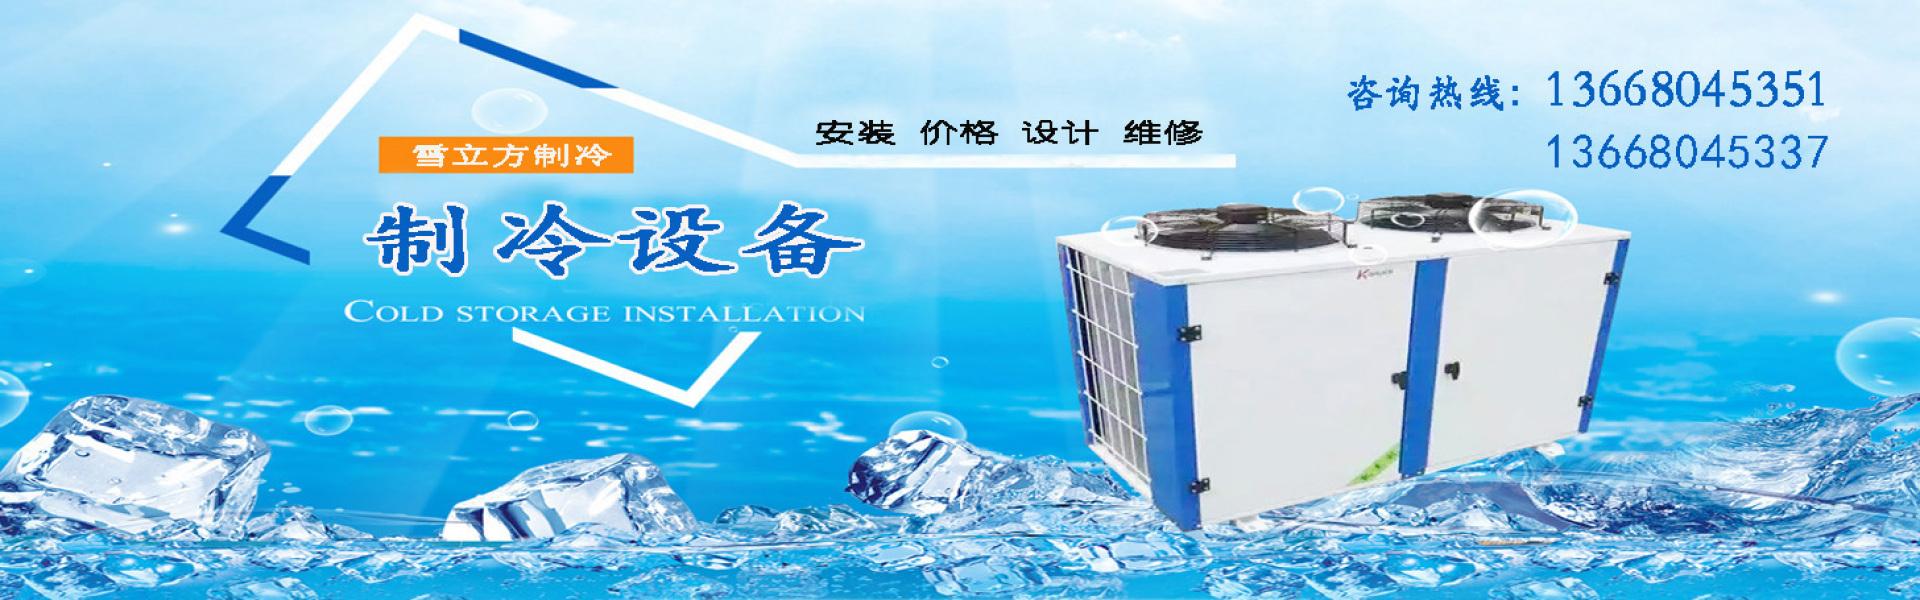 雪立方制冷设备专注于保鲜库安装、设计、维修。重庆保鲜库维修热线:136-6804-5337